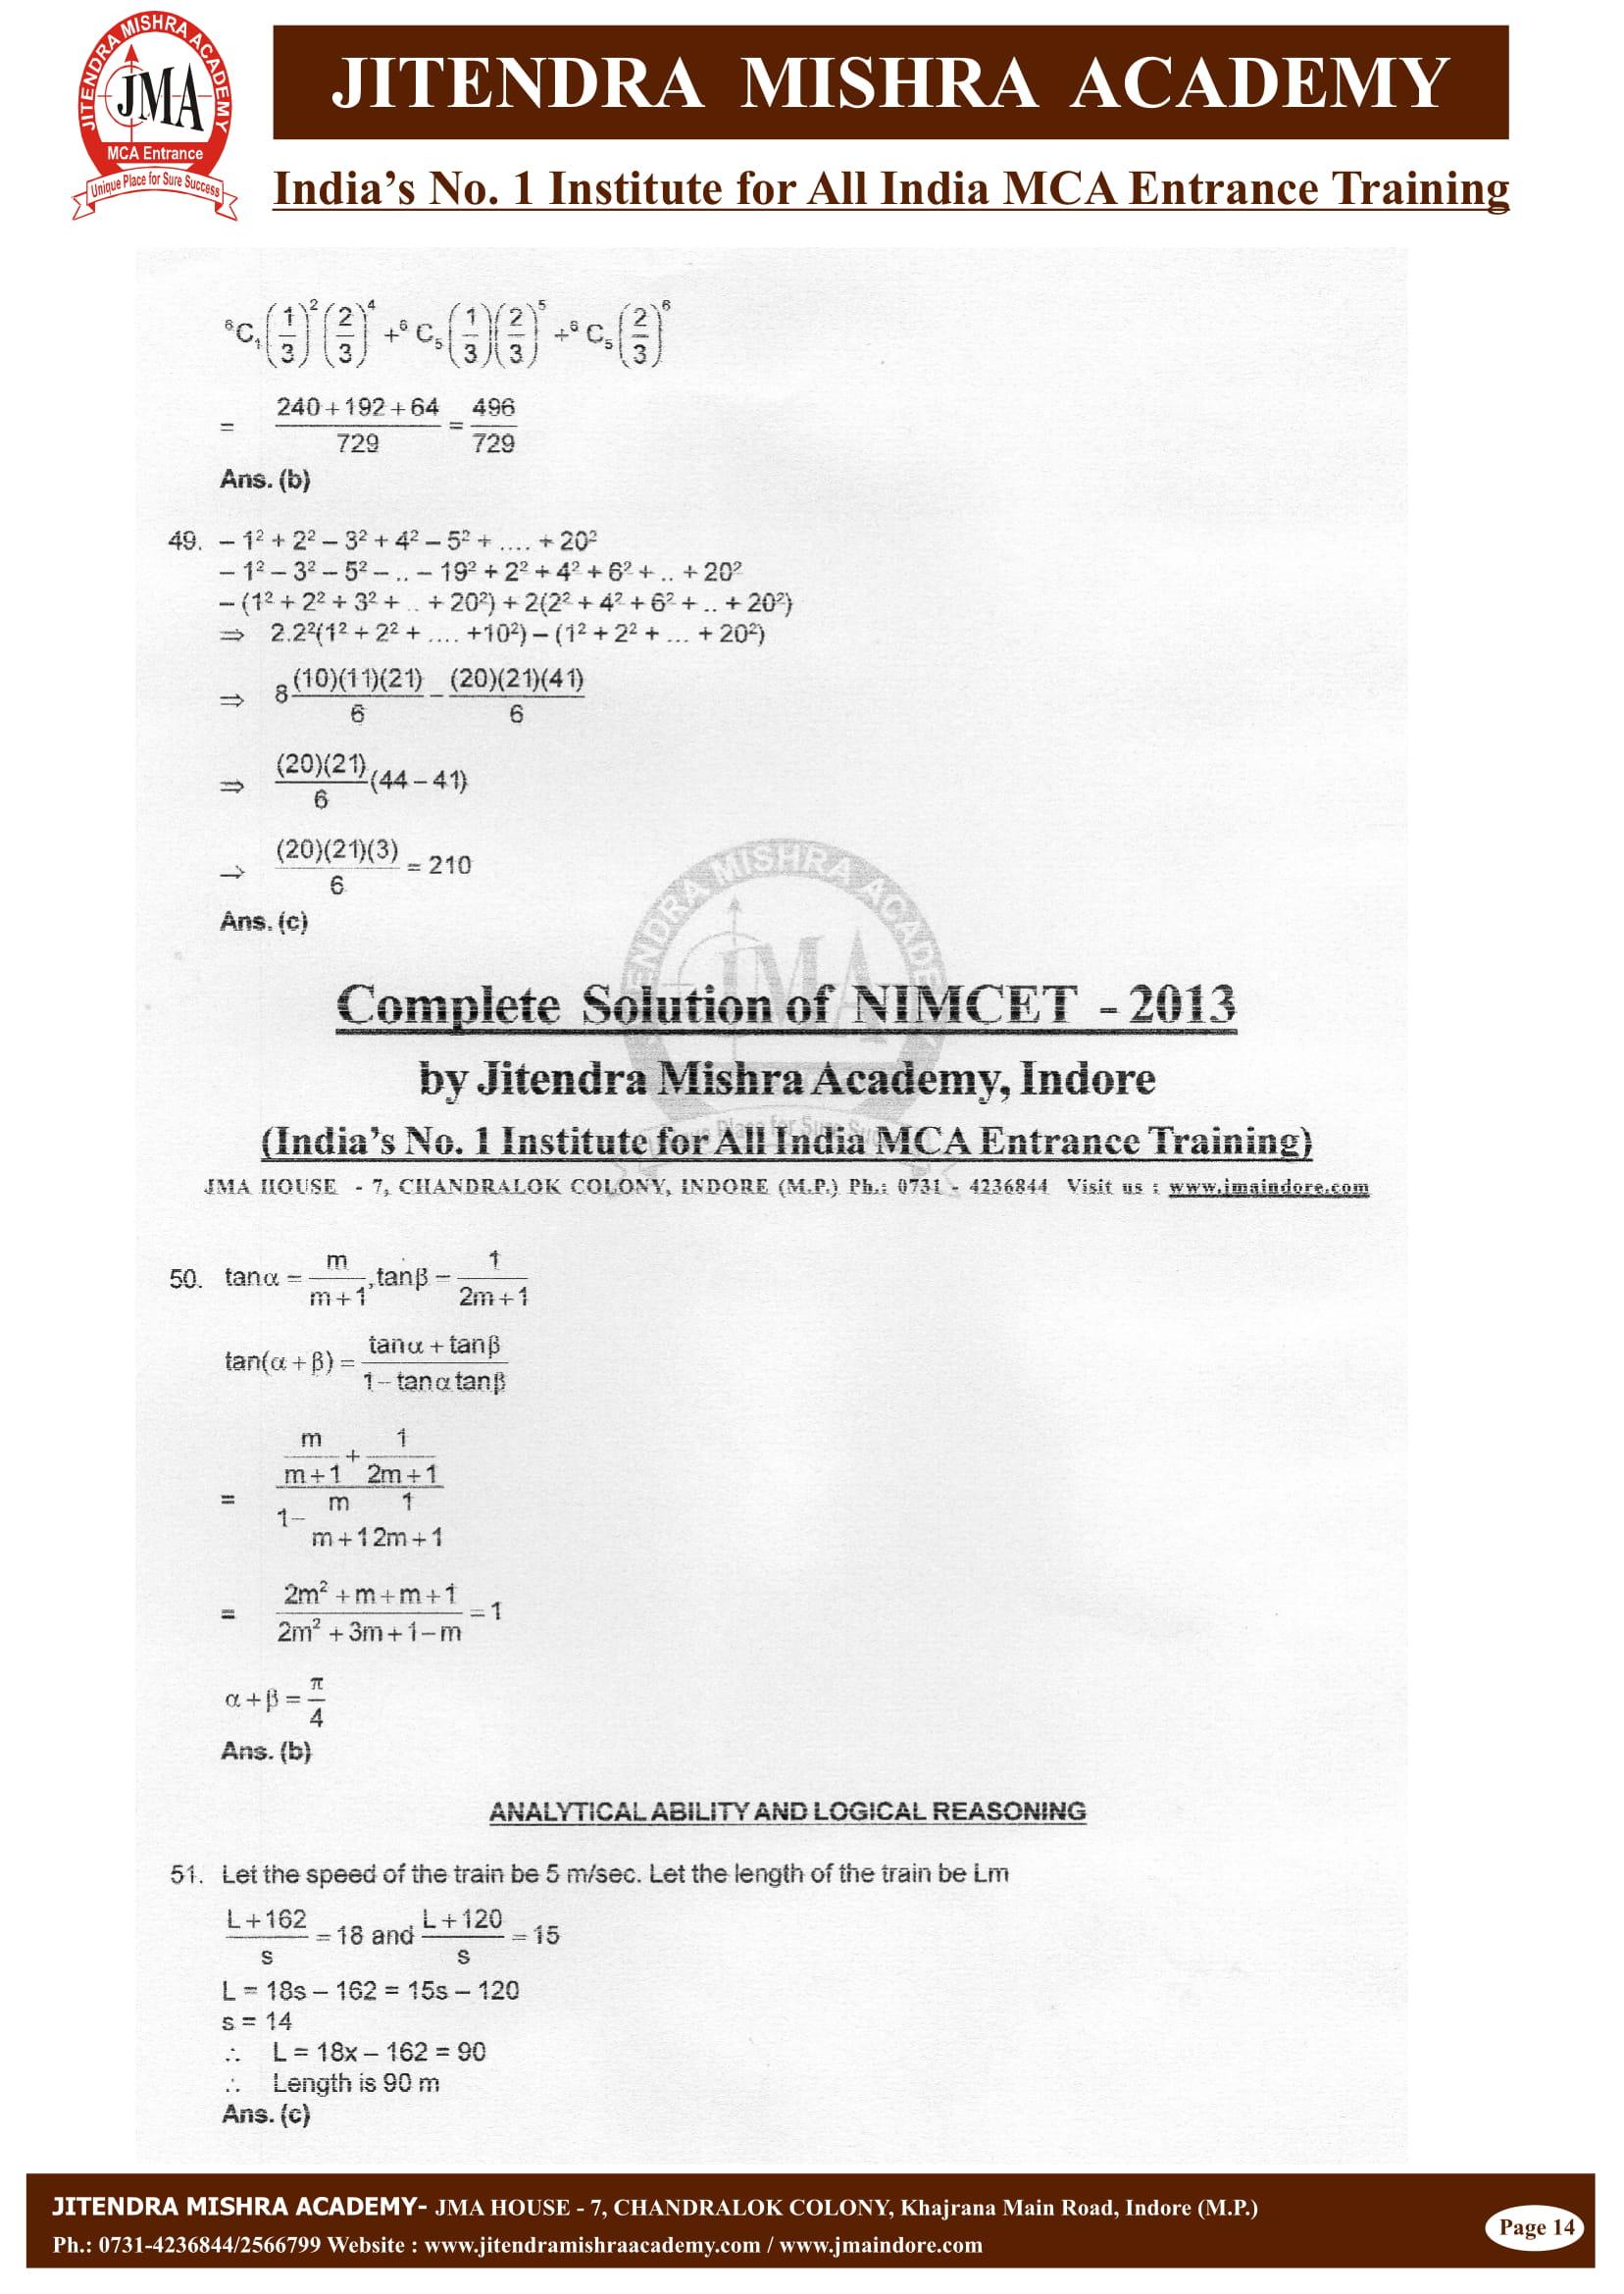 NIMCET - 2013 (SOLUTION)-14